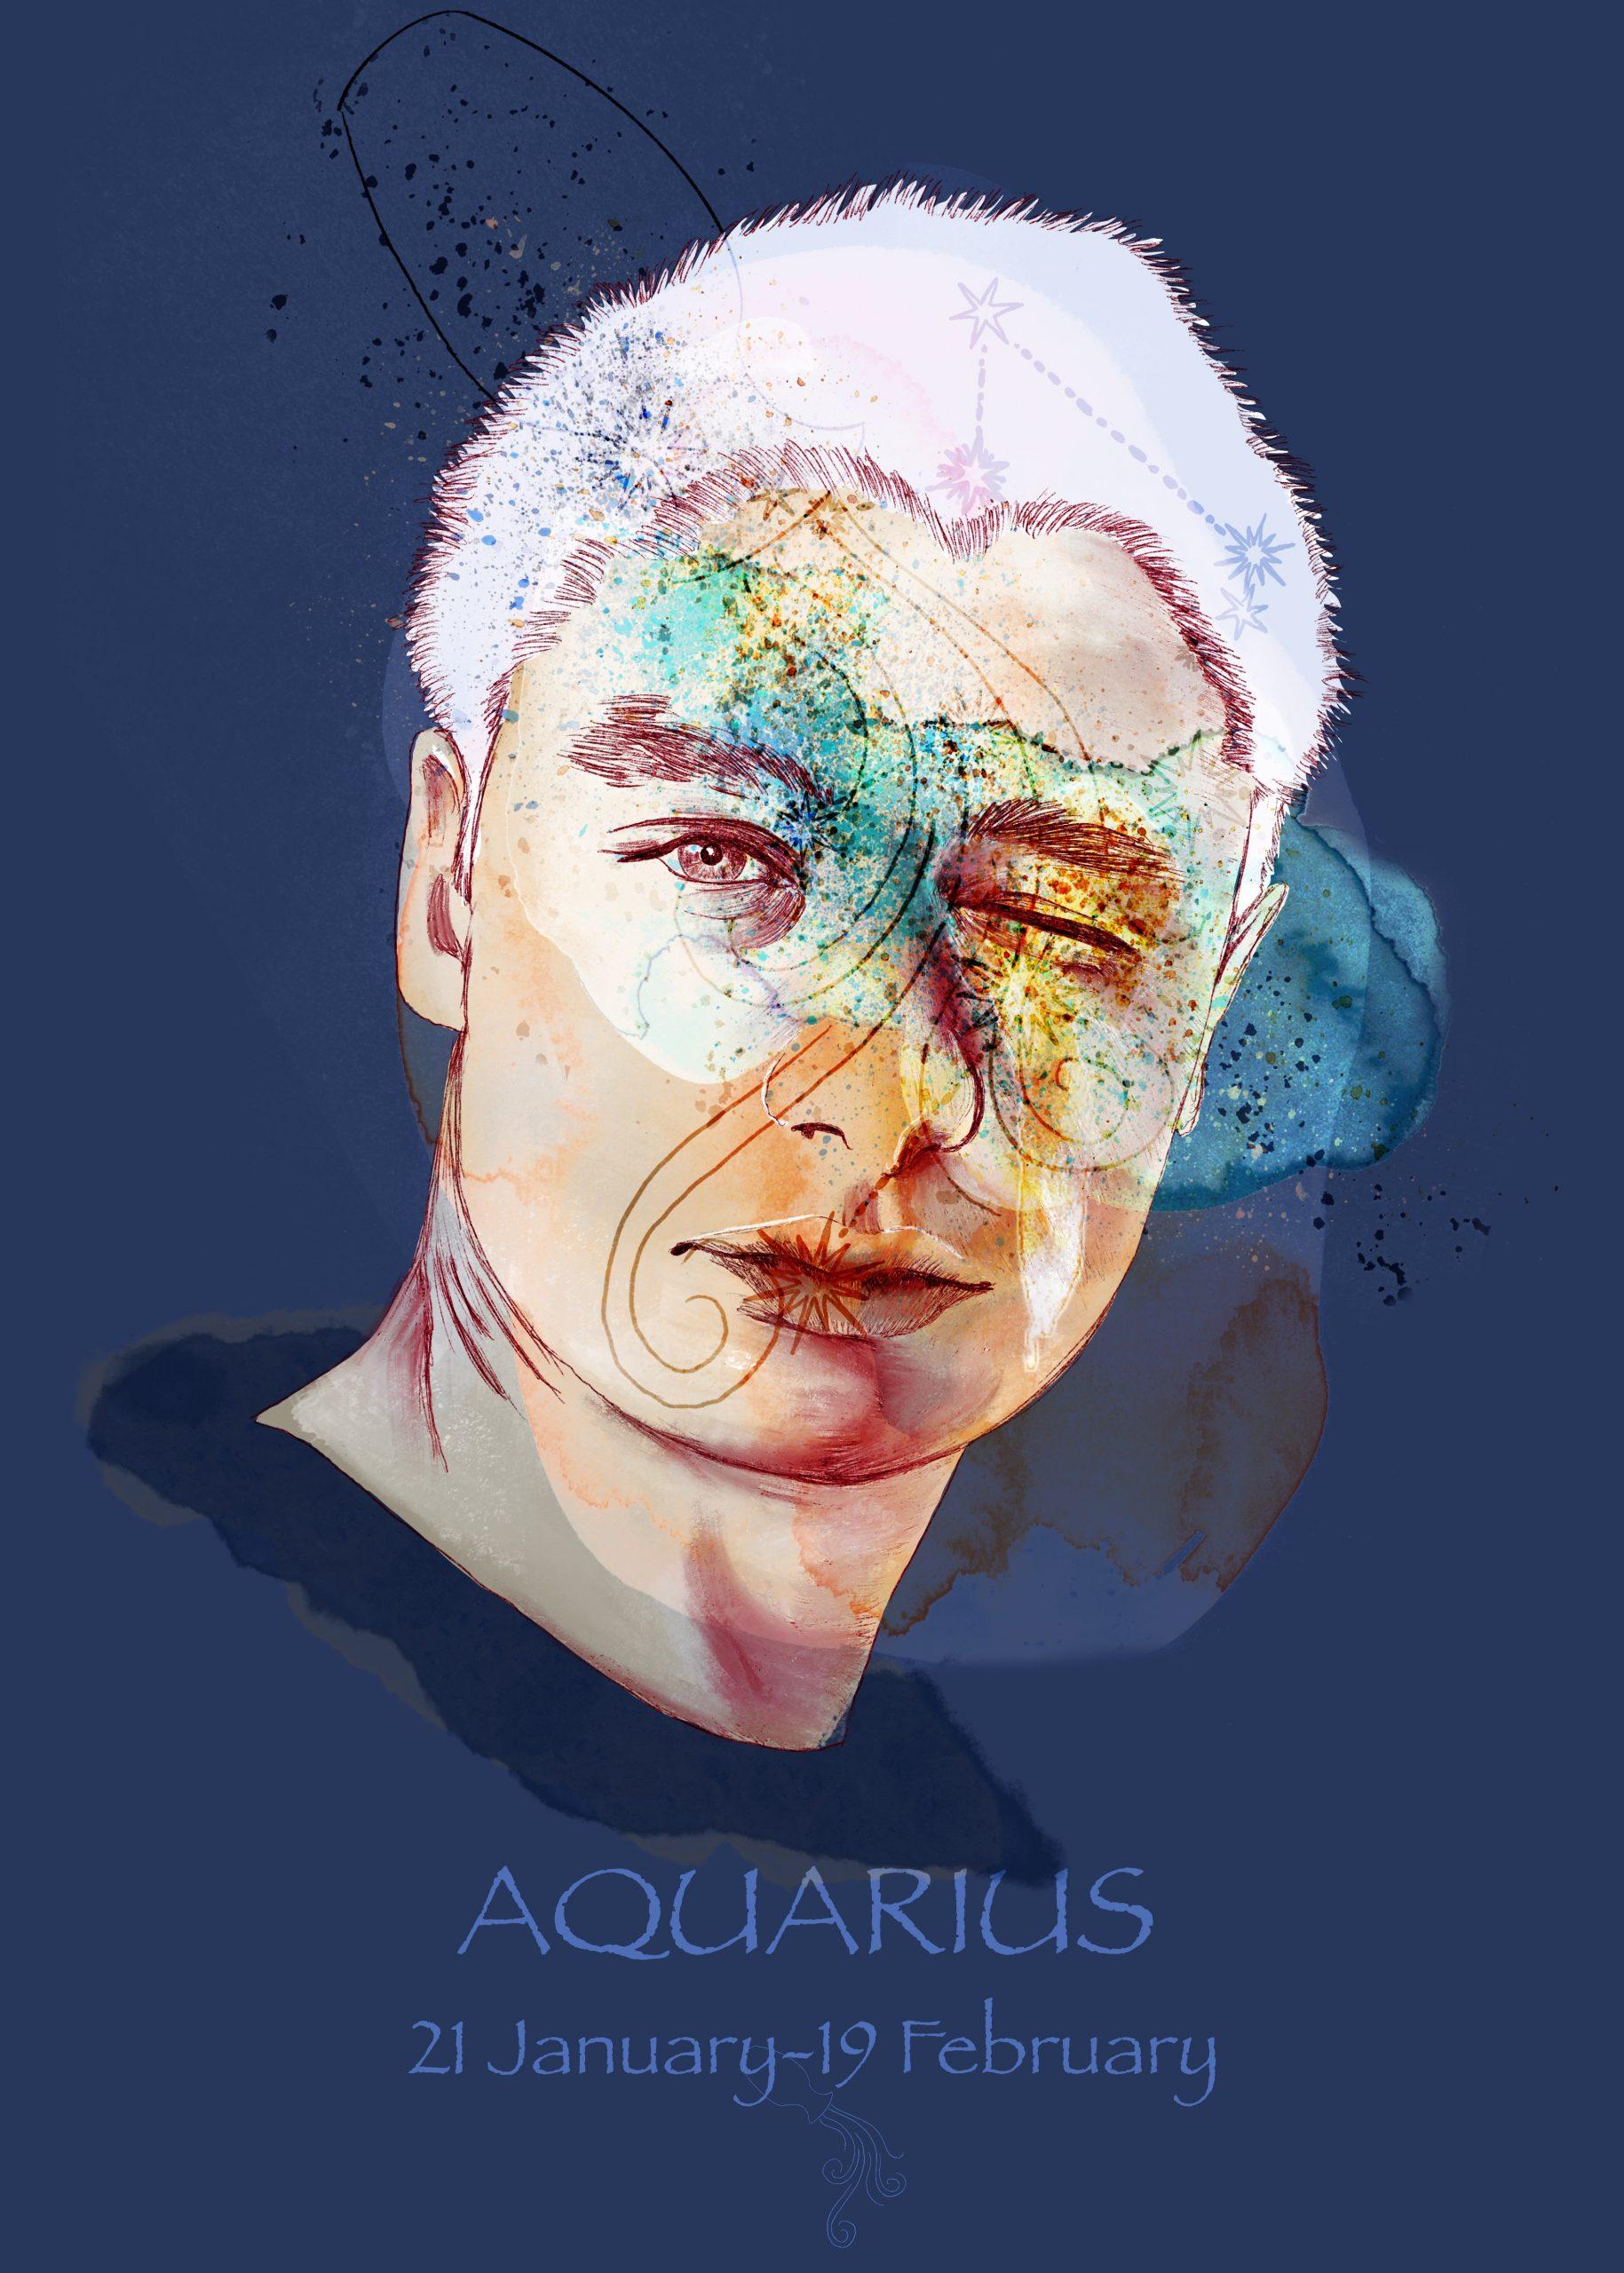 PORTRAIT / AQUARIUS A collection de portraits sur le thème de l'astrologie.